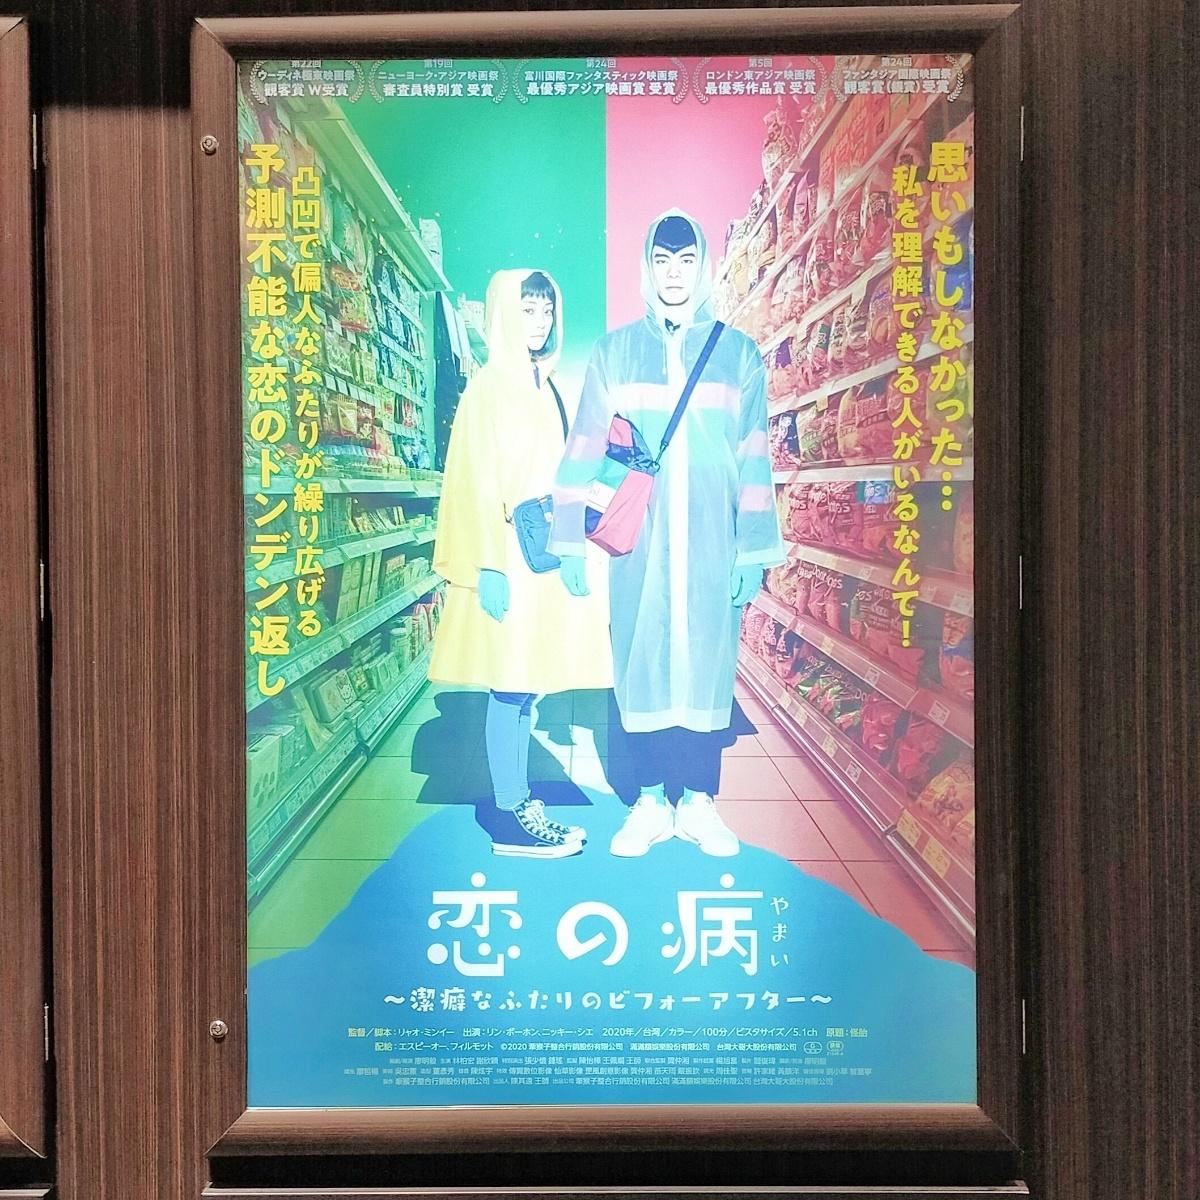 映画『恋の病~潔癖なふたりのビフォーアフター~』